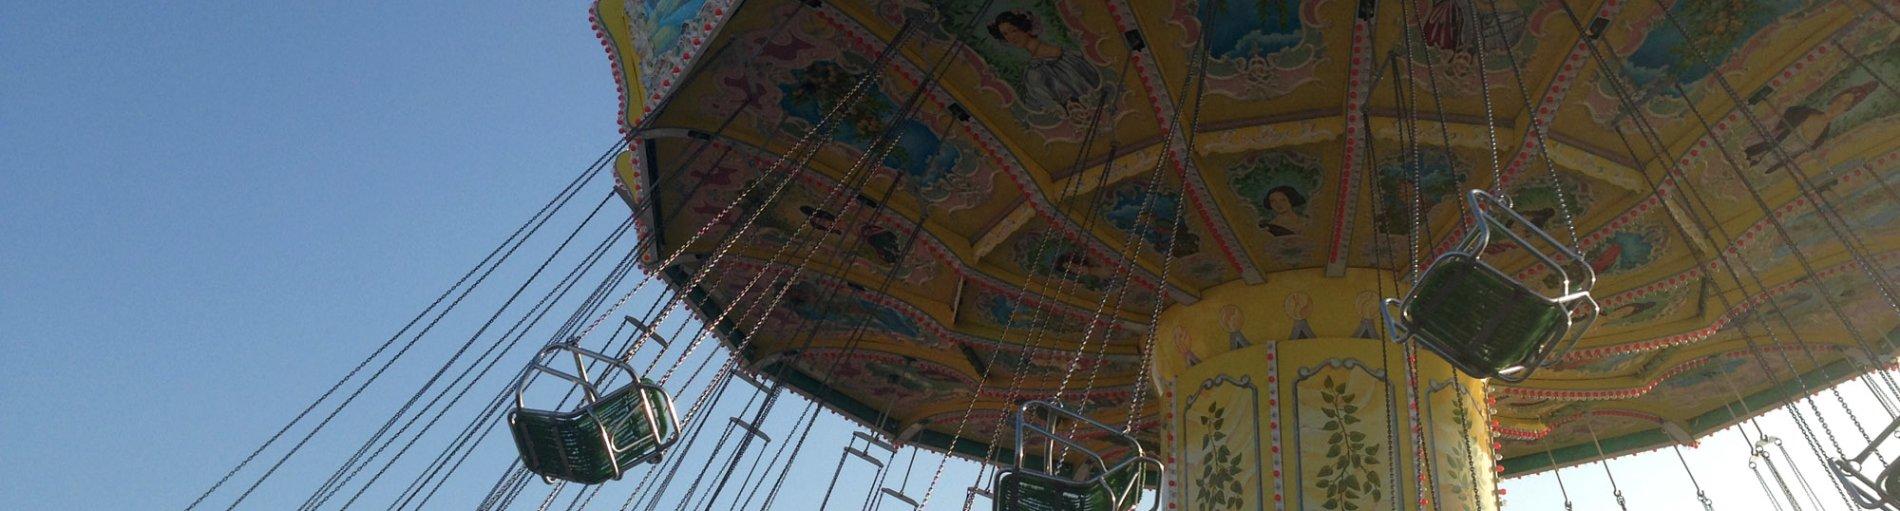 Ein Ketten-Karussell während der Fahrt; Quelle: WFB Wirtschaftsförderung Bremen/KBU